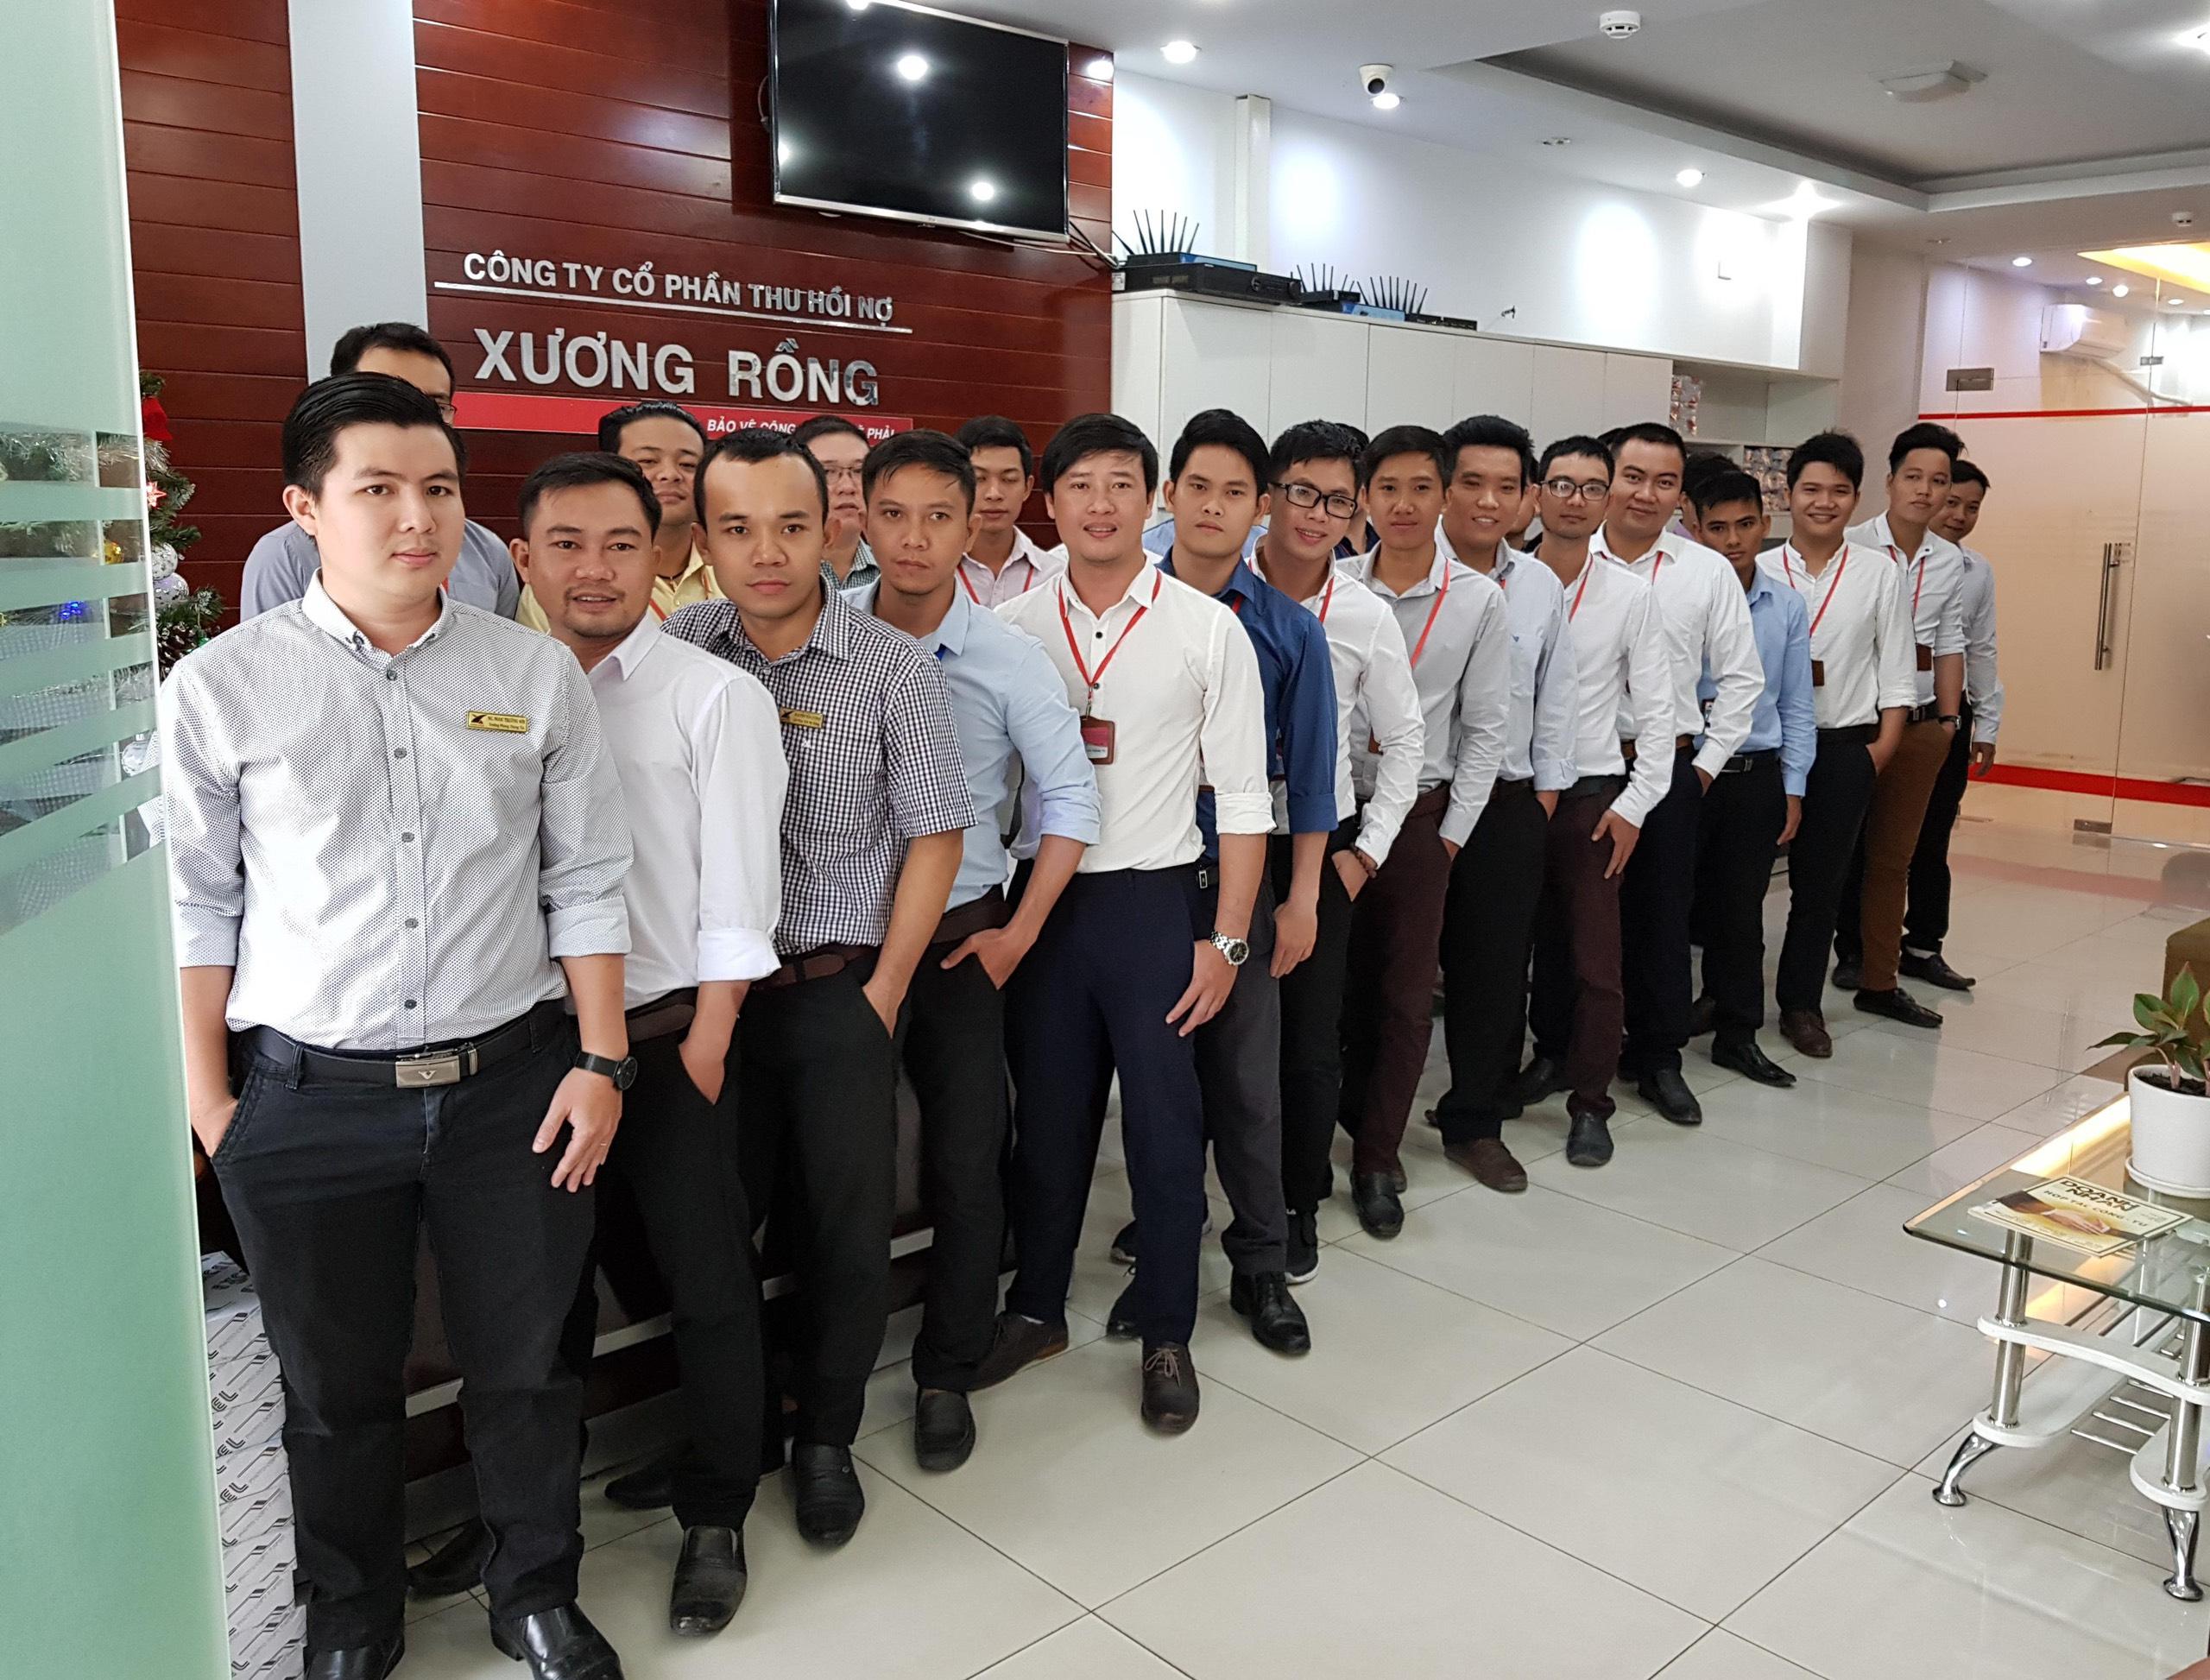 Công ty đòi nợ thuê uy tín Xương Rồng có nhân viên được đào tạo chuyên nghiệp